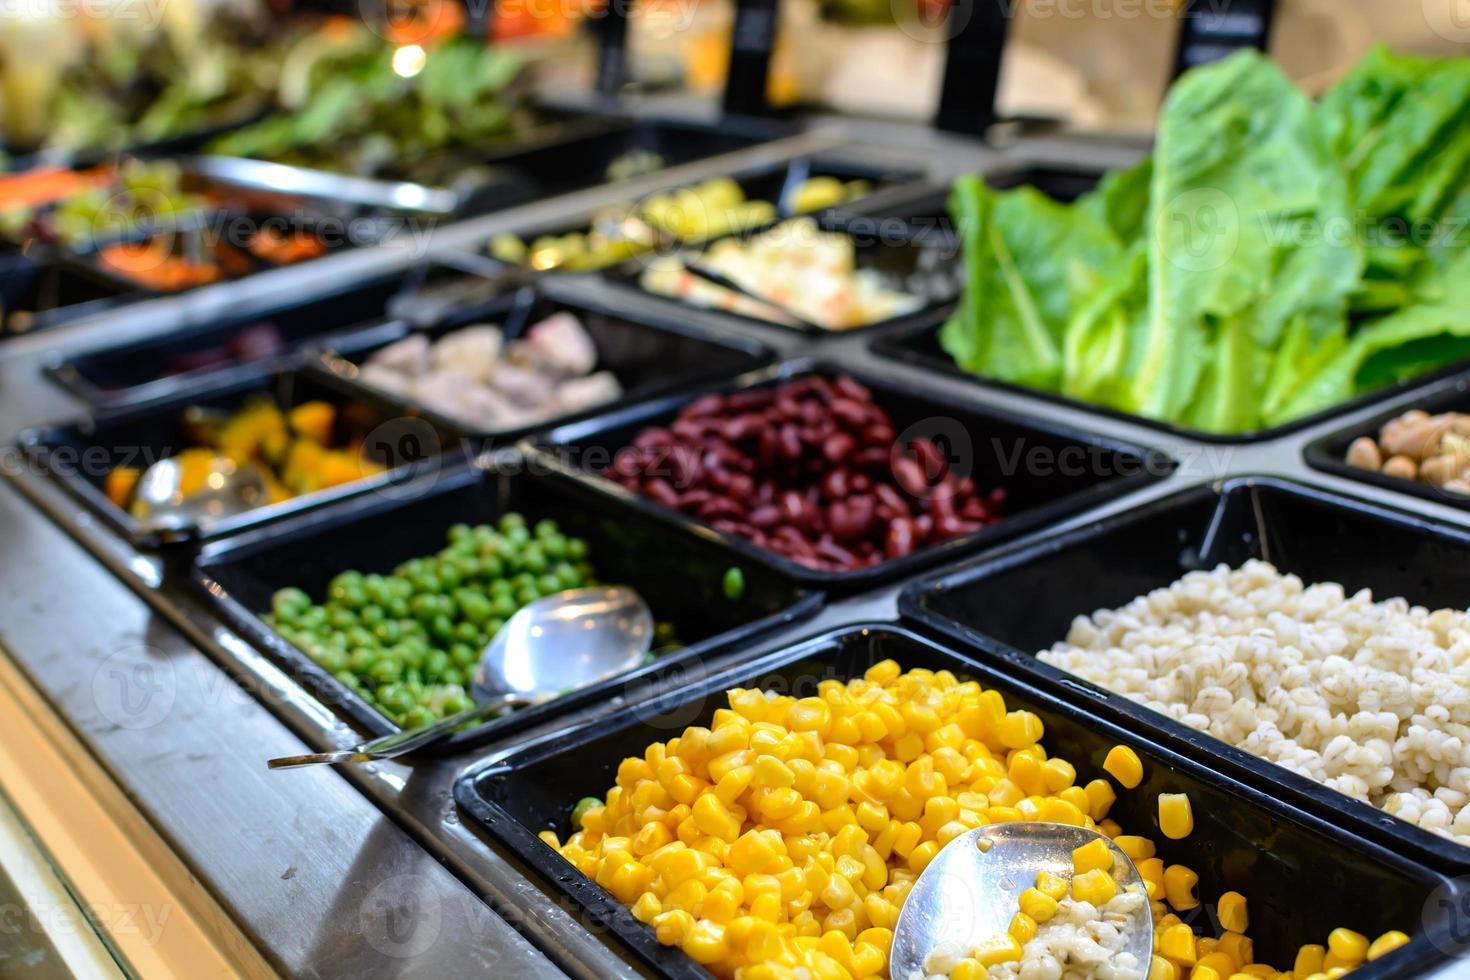 bar de saladas no supermercado foto